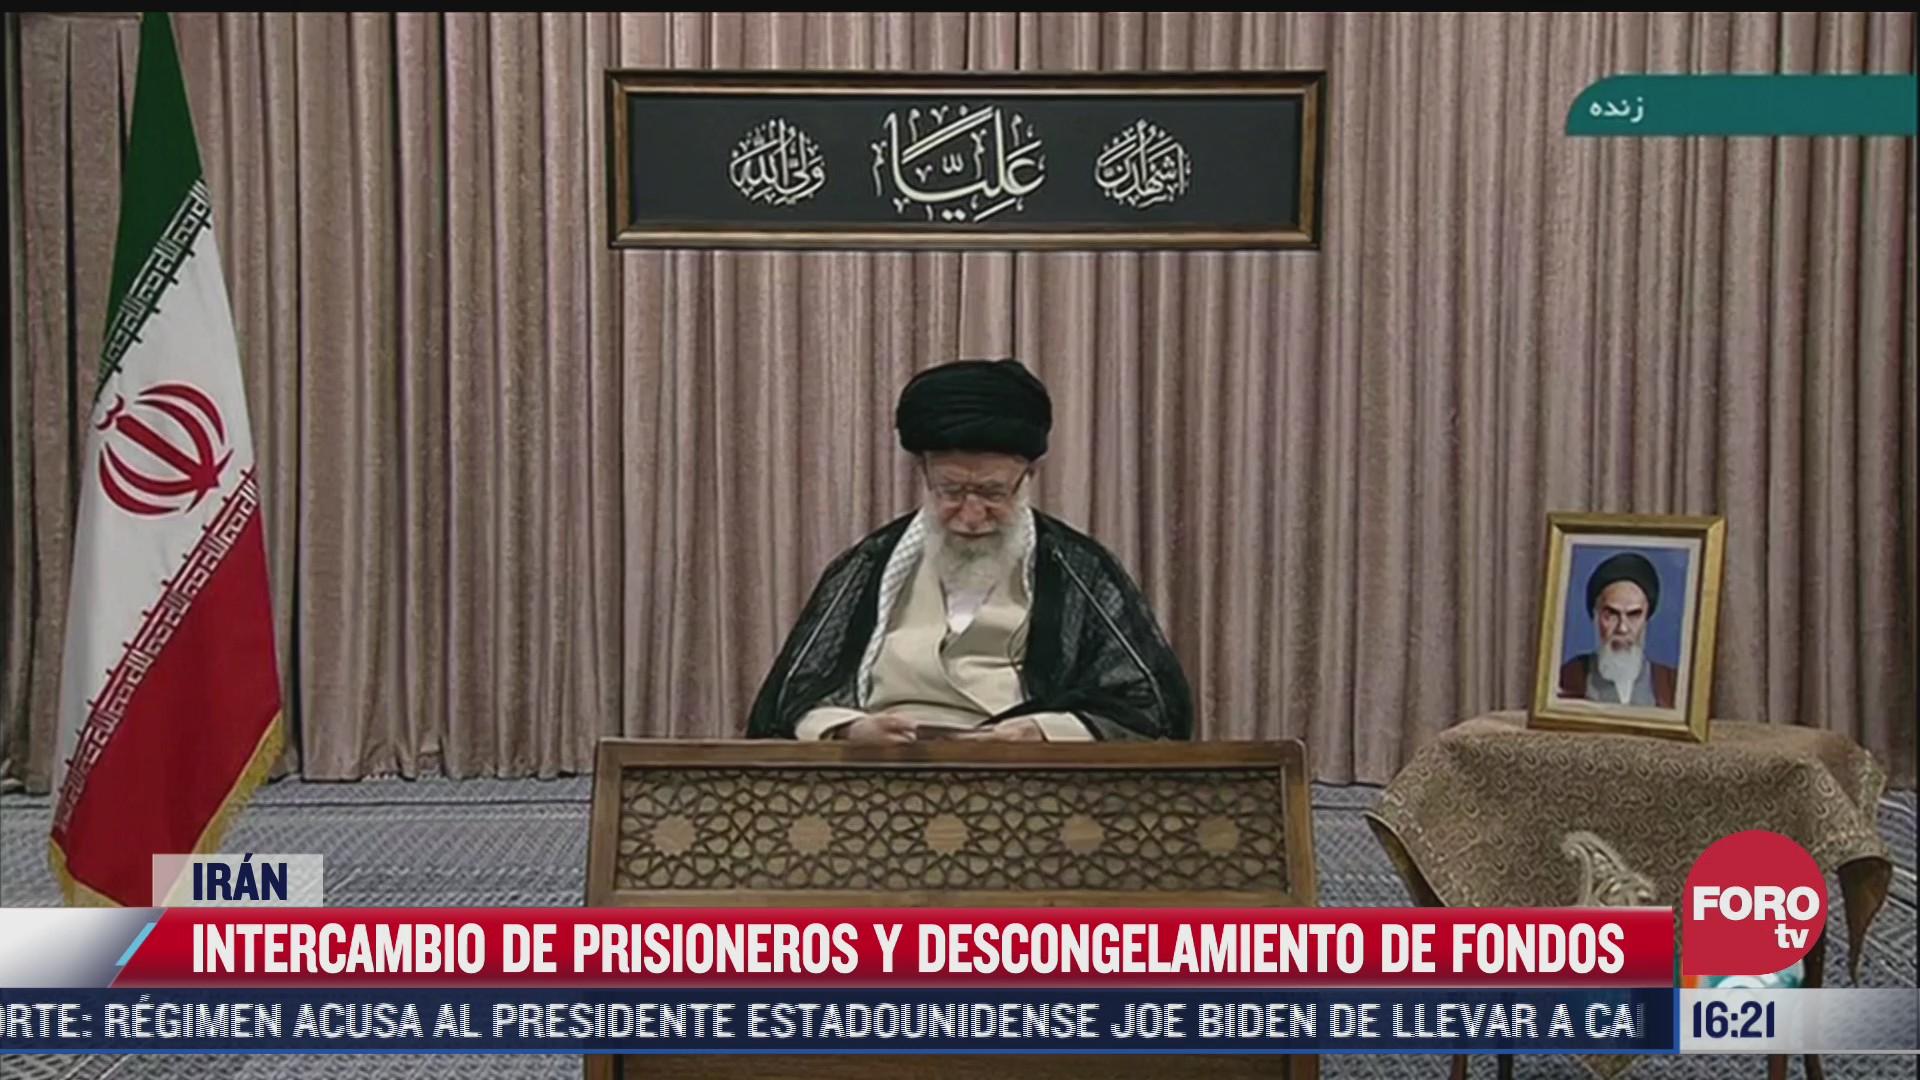 iran y eeuu intercambian prisioneros de guerra